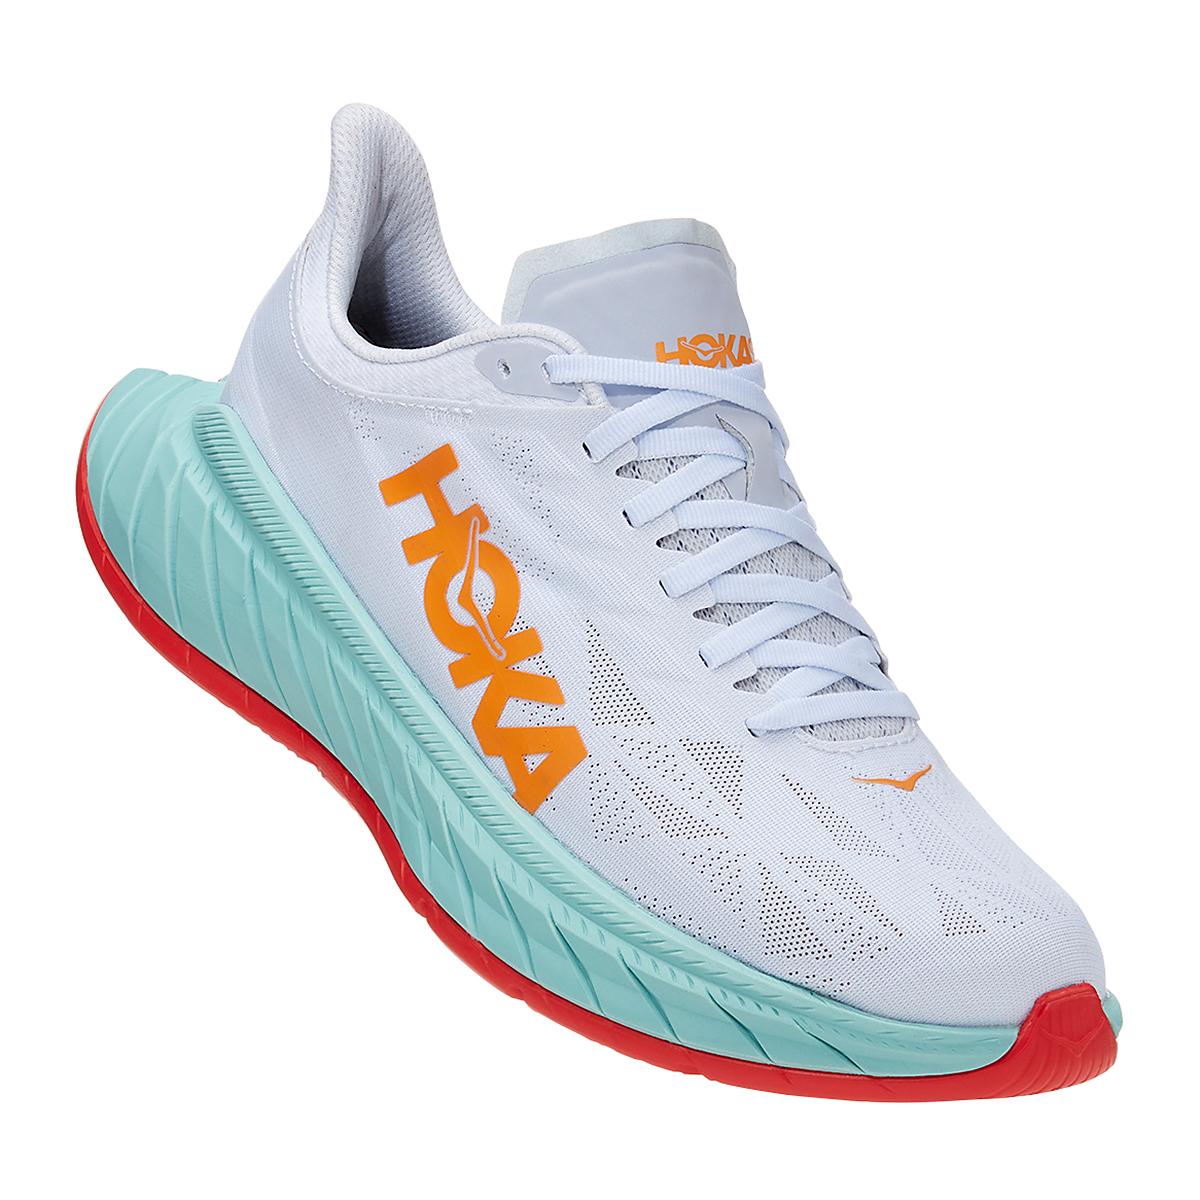 Men's Hoka One One Carbon X 2 Running Shoe - Color: White/Blazing Orange - Size: 7 - Width: Regular, White/Blazing Orange, large, image 2